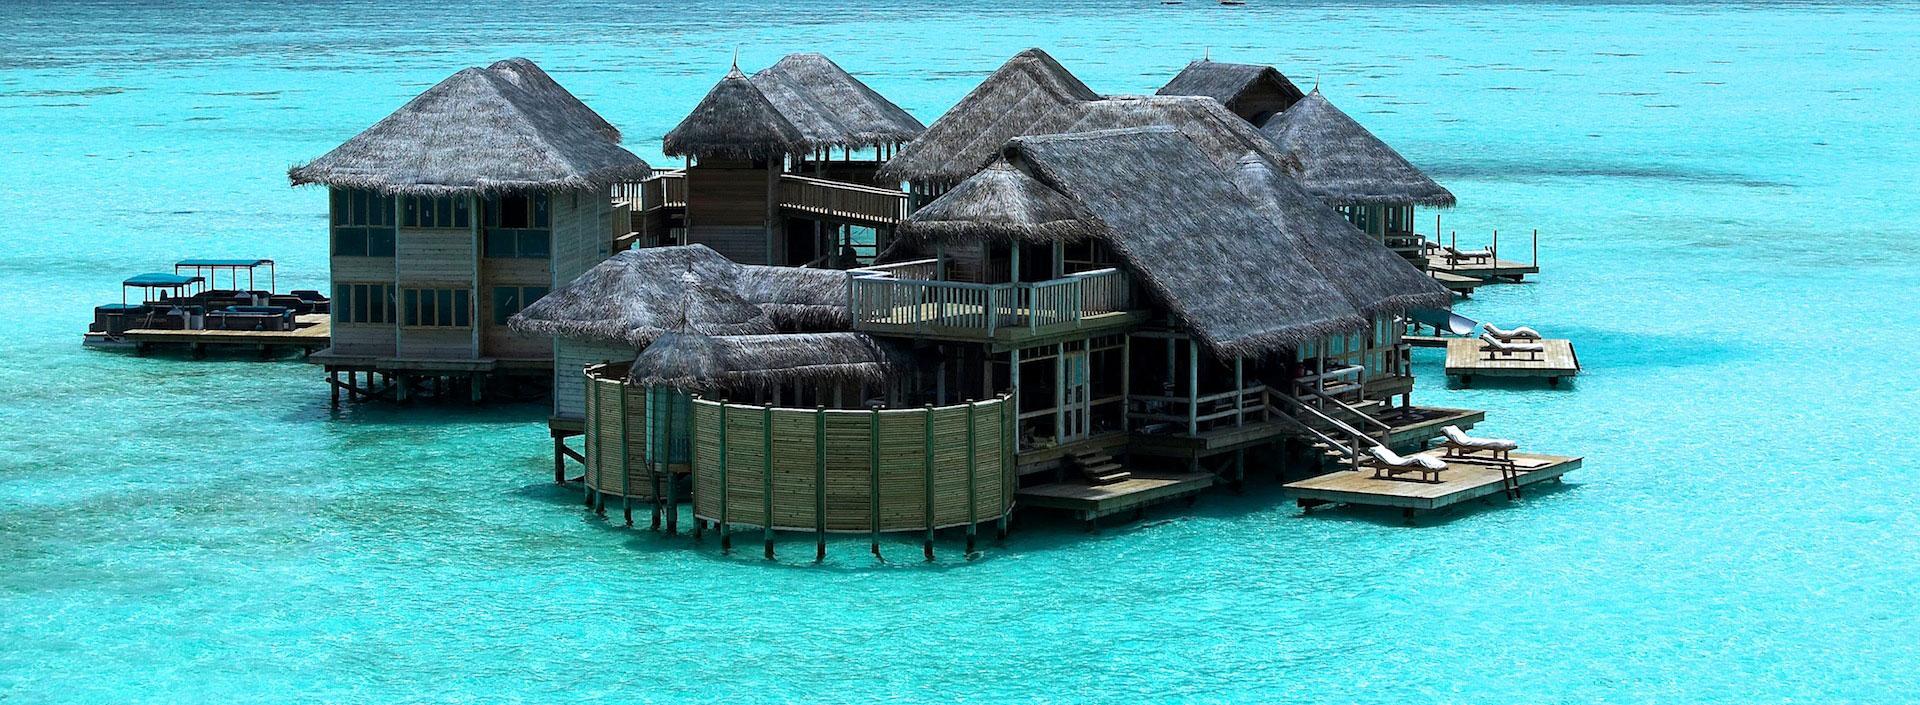 turismo en las maldivas 8